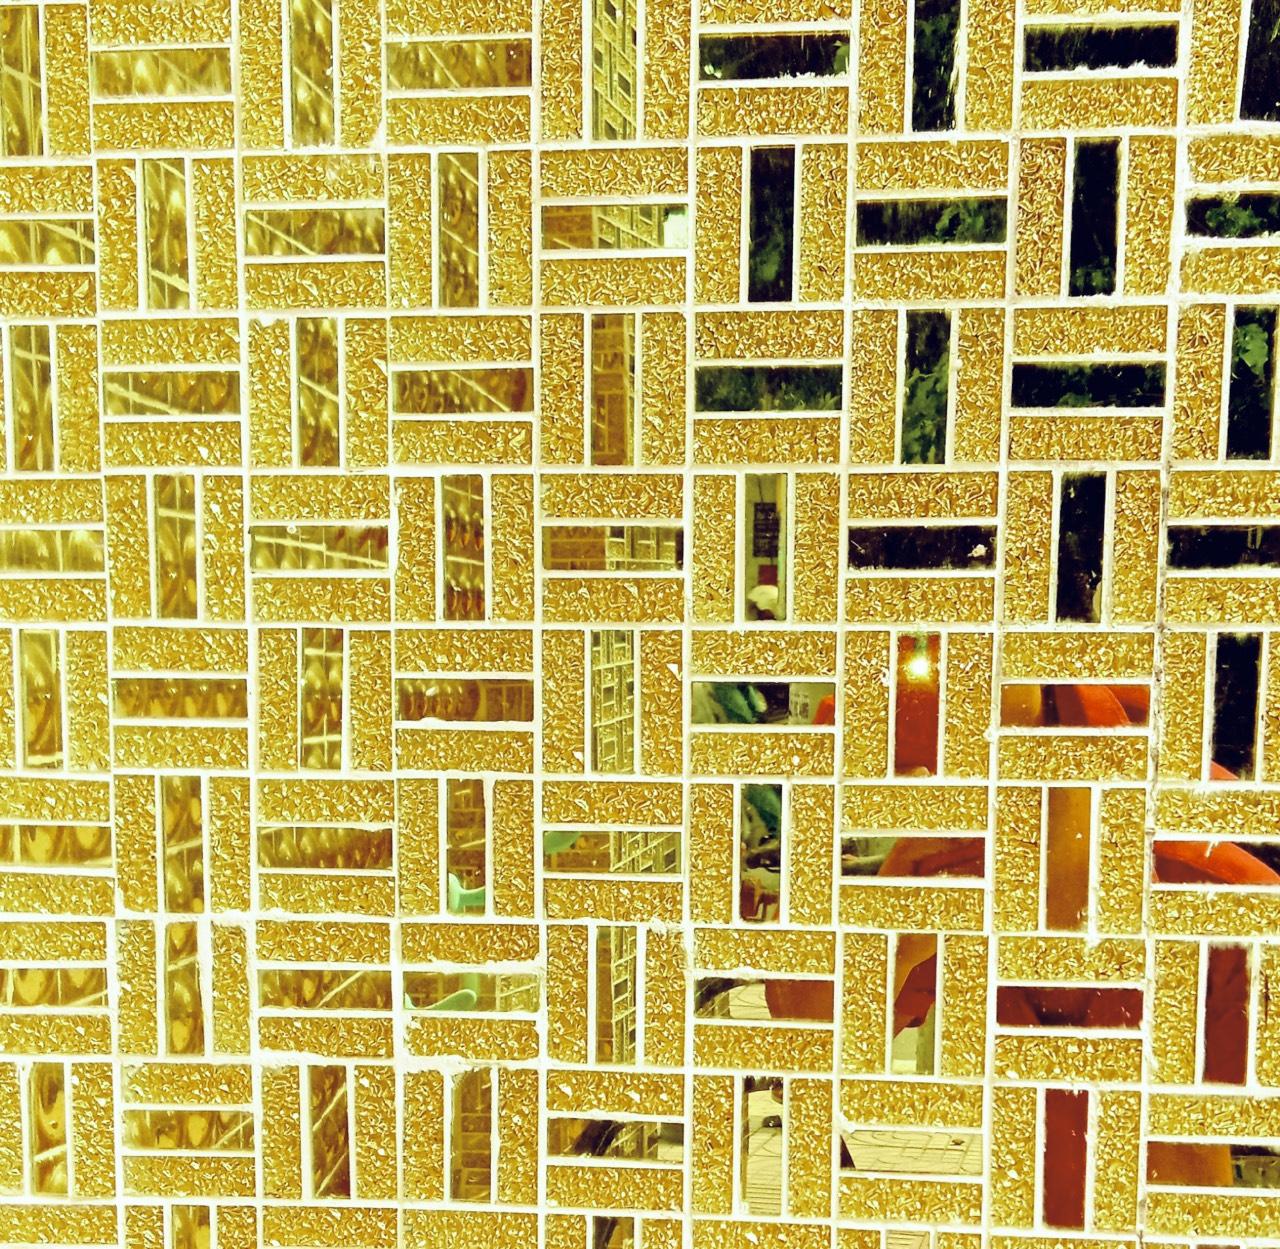 Gạch mosaic Đại lý Gạch mosaic giảm giá 50% Kho gạch mosaic giá sỉ